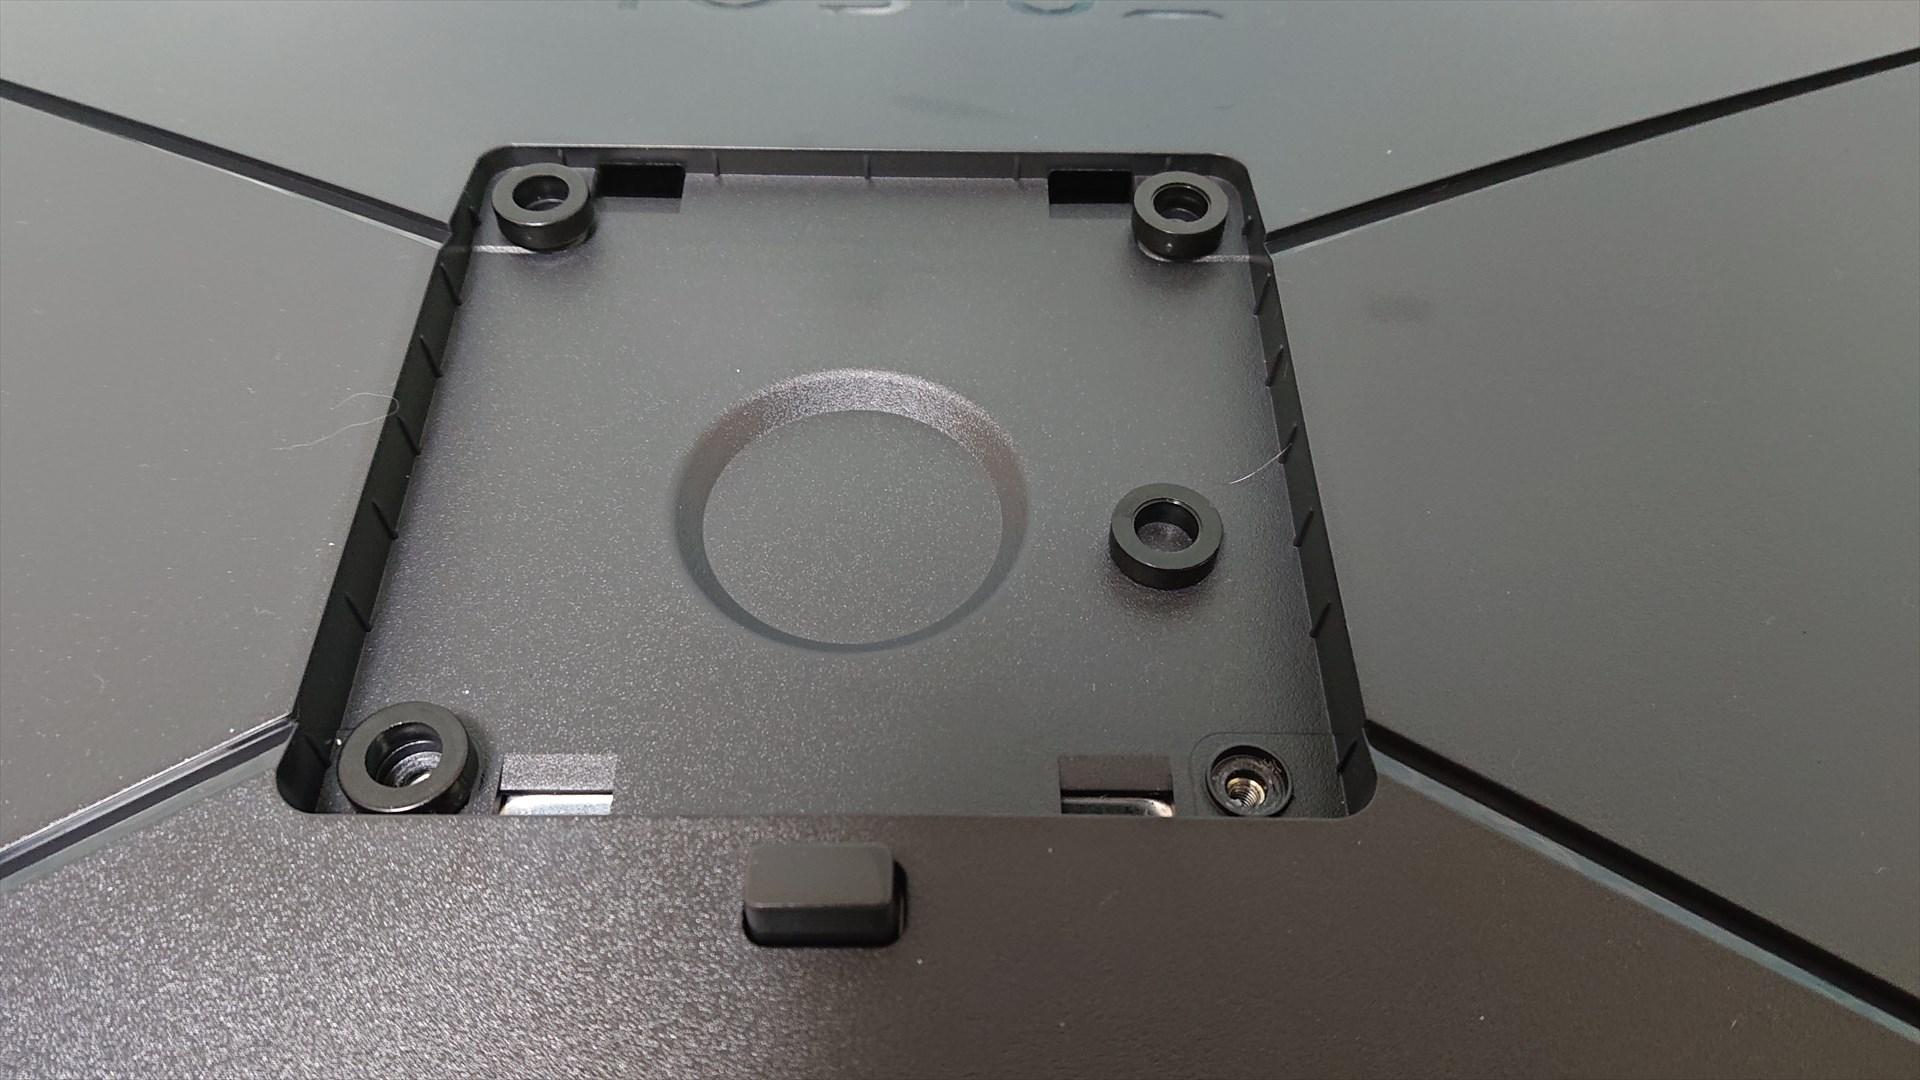 注意点として、このVESAマウントはちょっと凹んでます。よってモニターアームなどを使う場合はスペーサーが必要になる場合があります。私はamazonブランドのeonoのモニターアームを使用しておりますが、スペーサーを使えば問題なく取り付けできました。